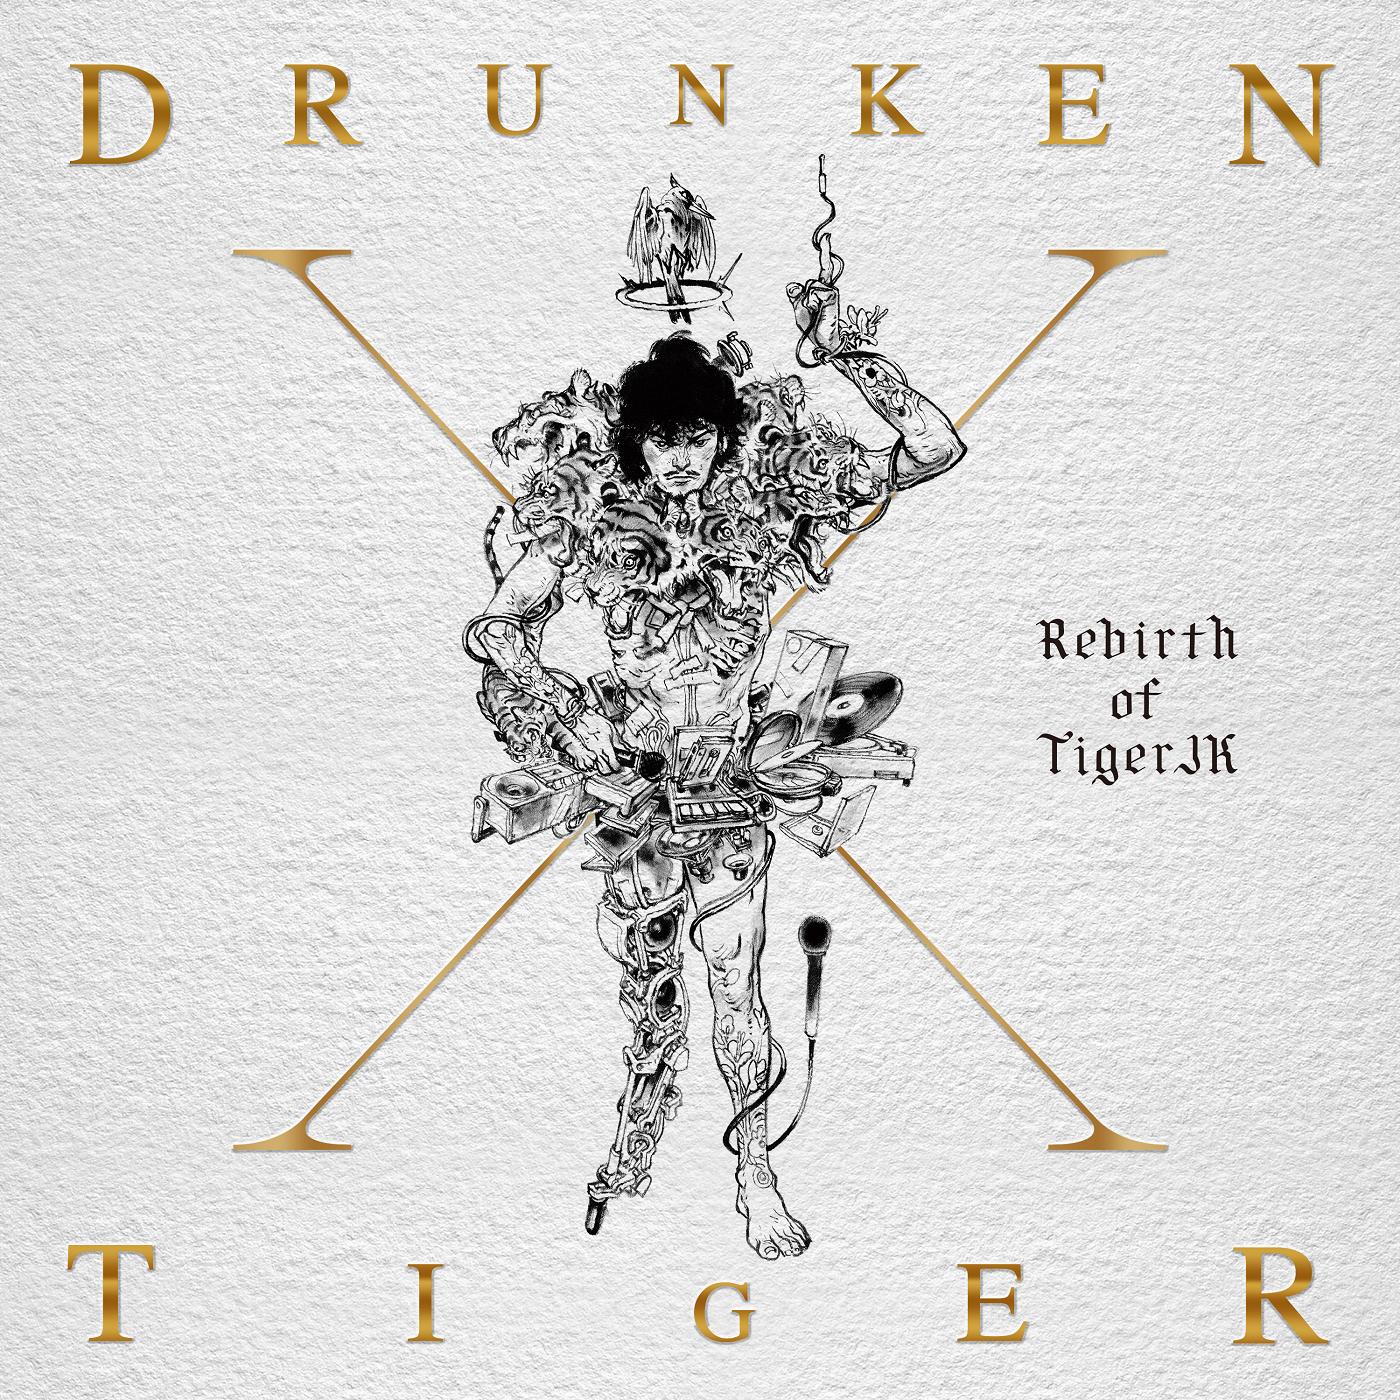 Drunken_Tiger_X_-_Rebirth_of_Tiger_JK_album_cover